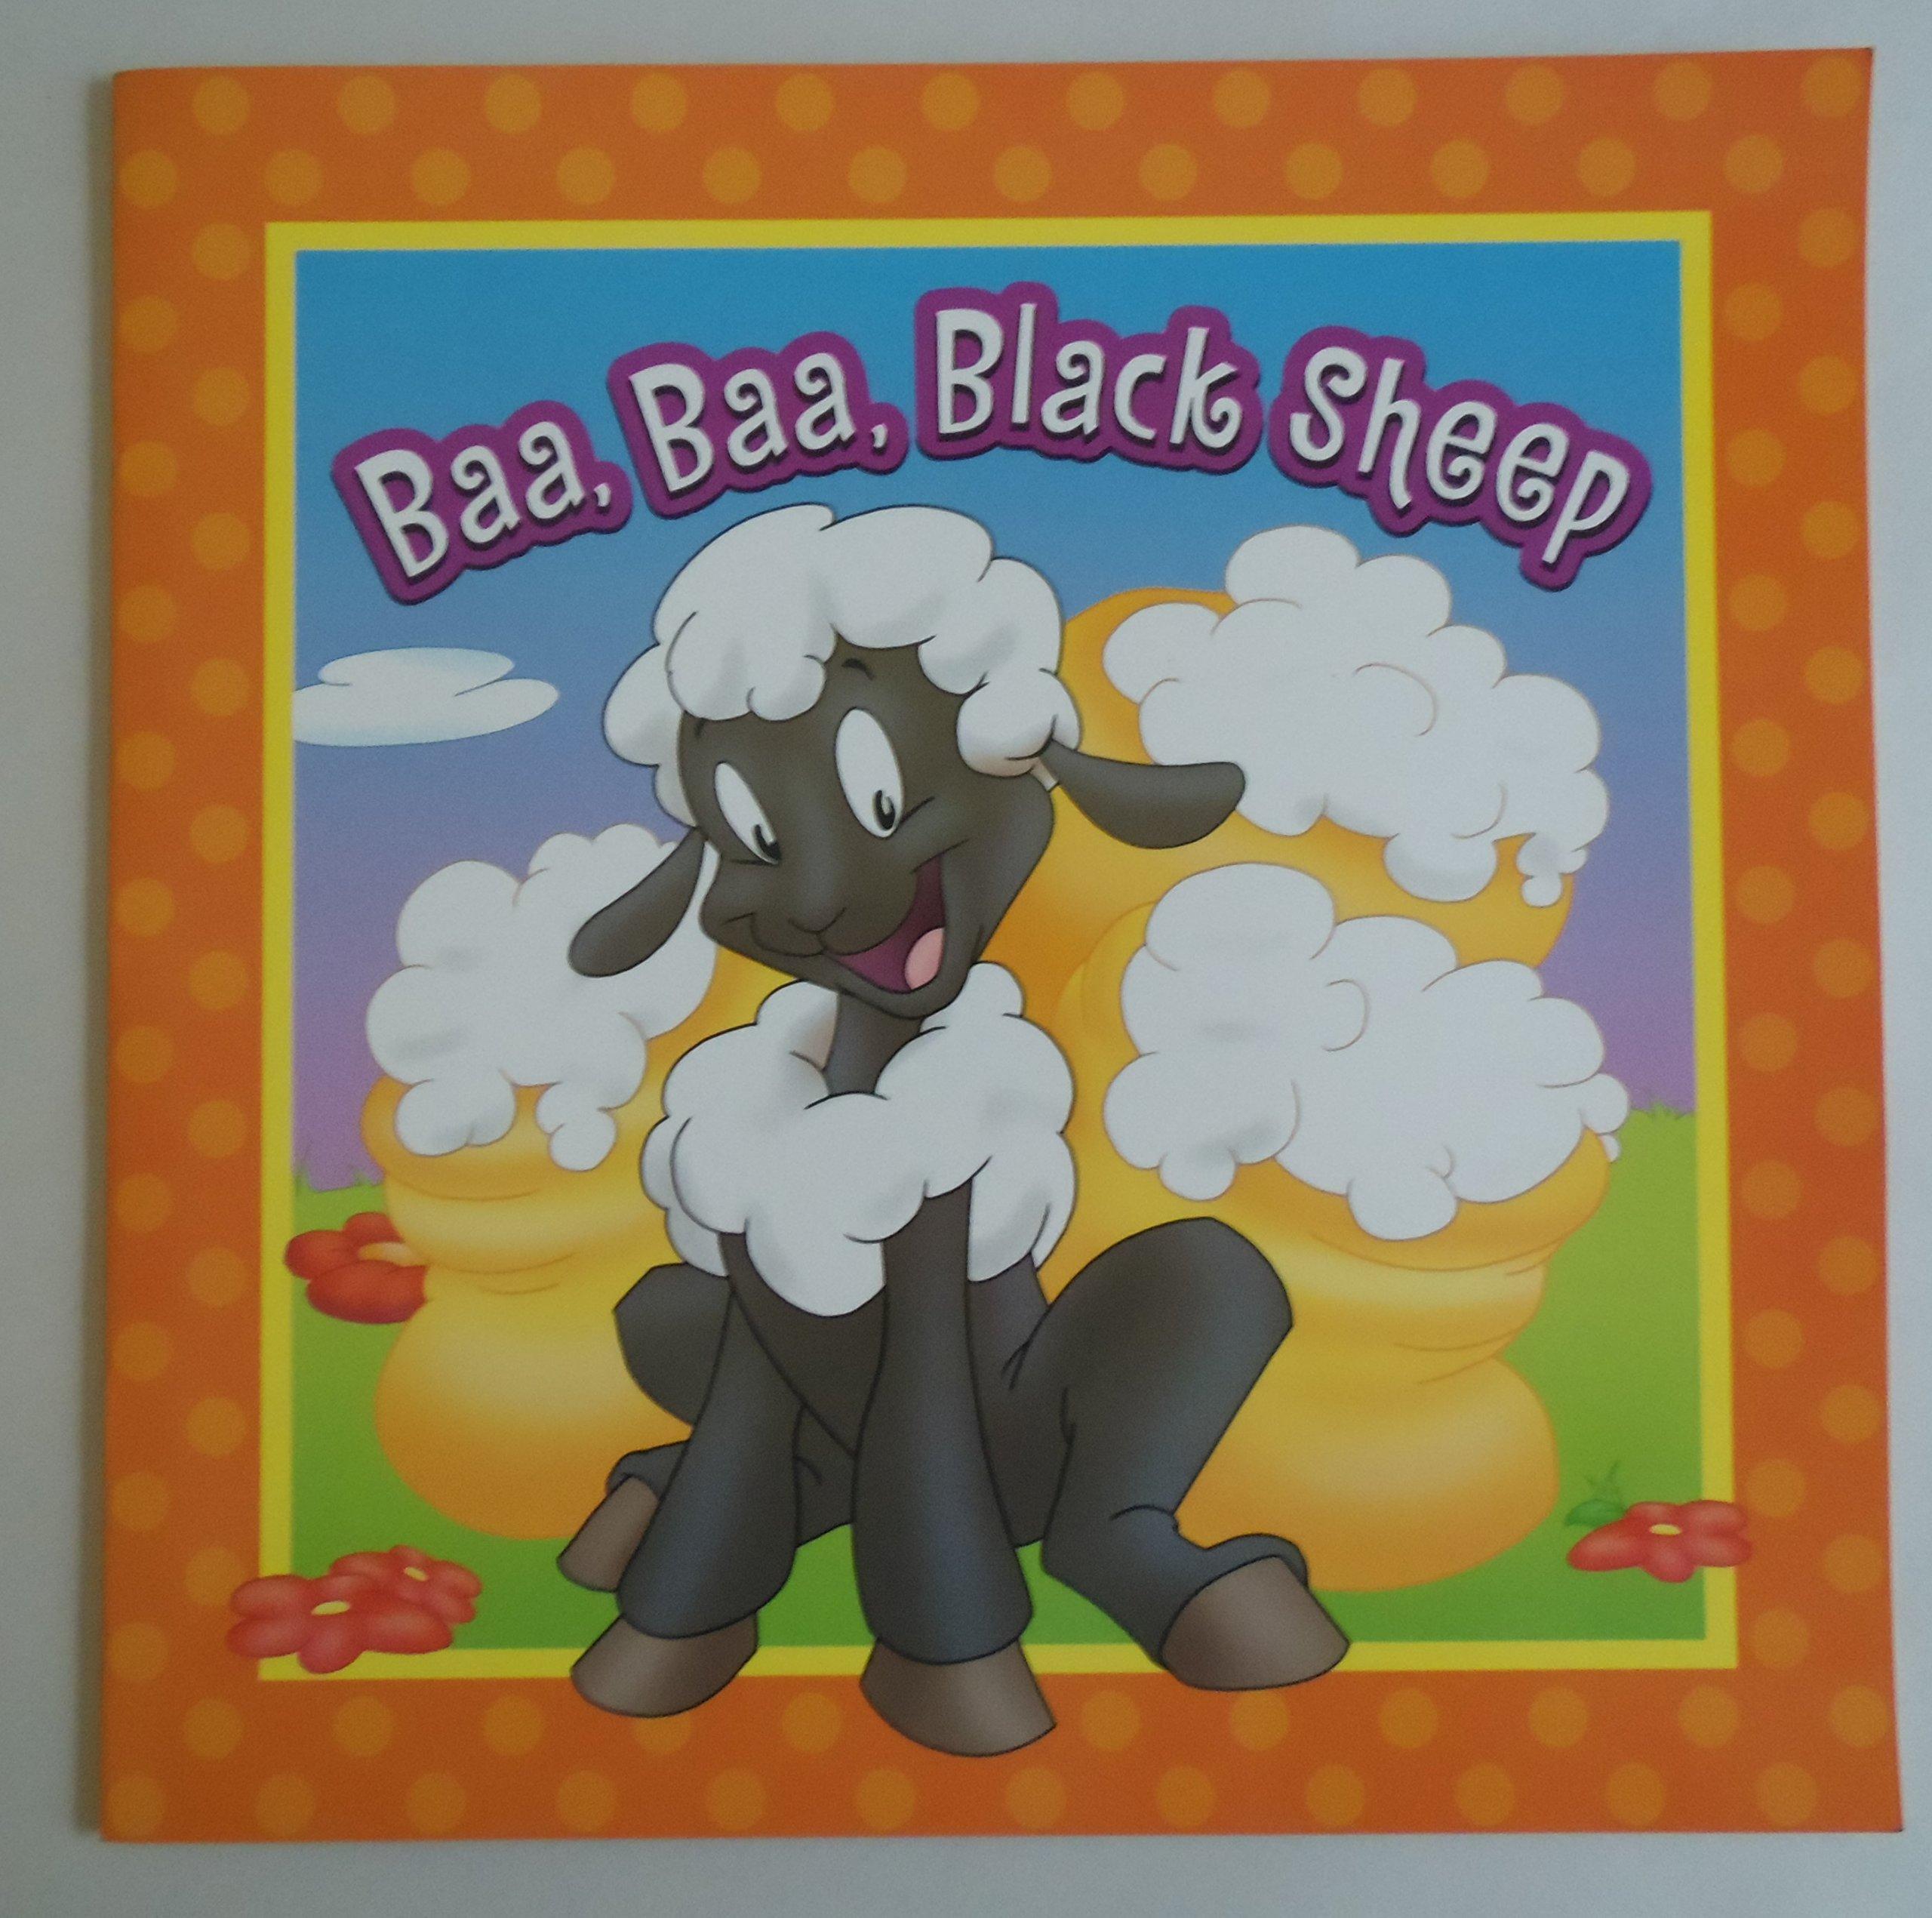 Download Baa, Baa, Black Sheep PDF